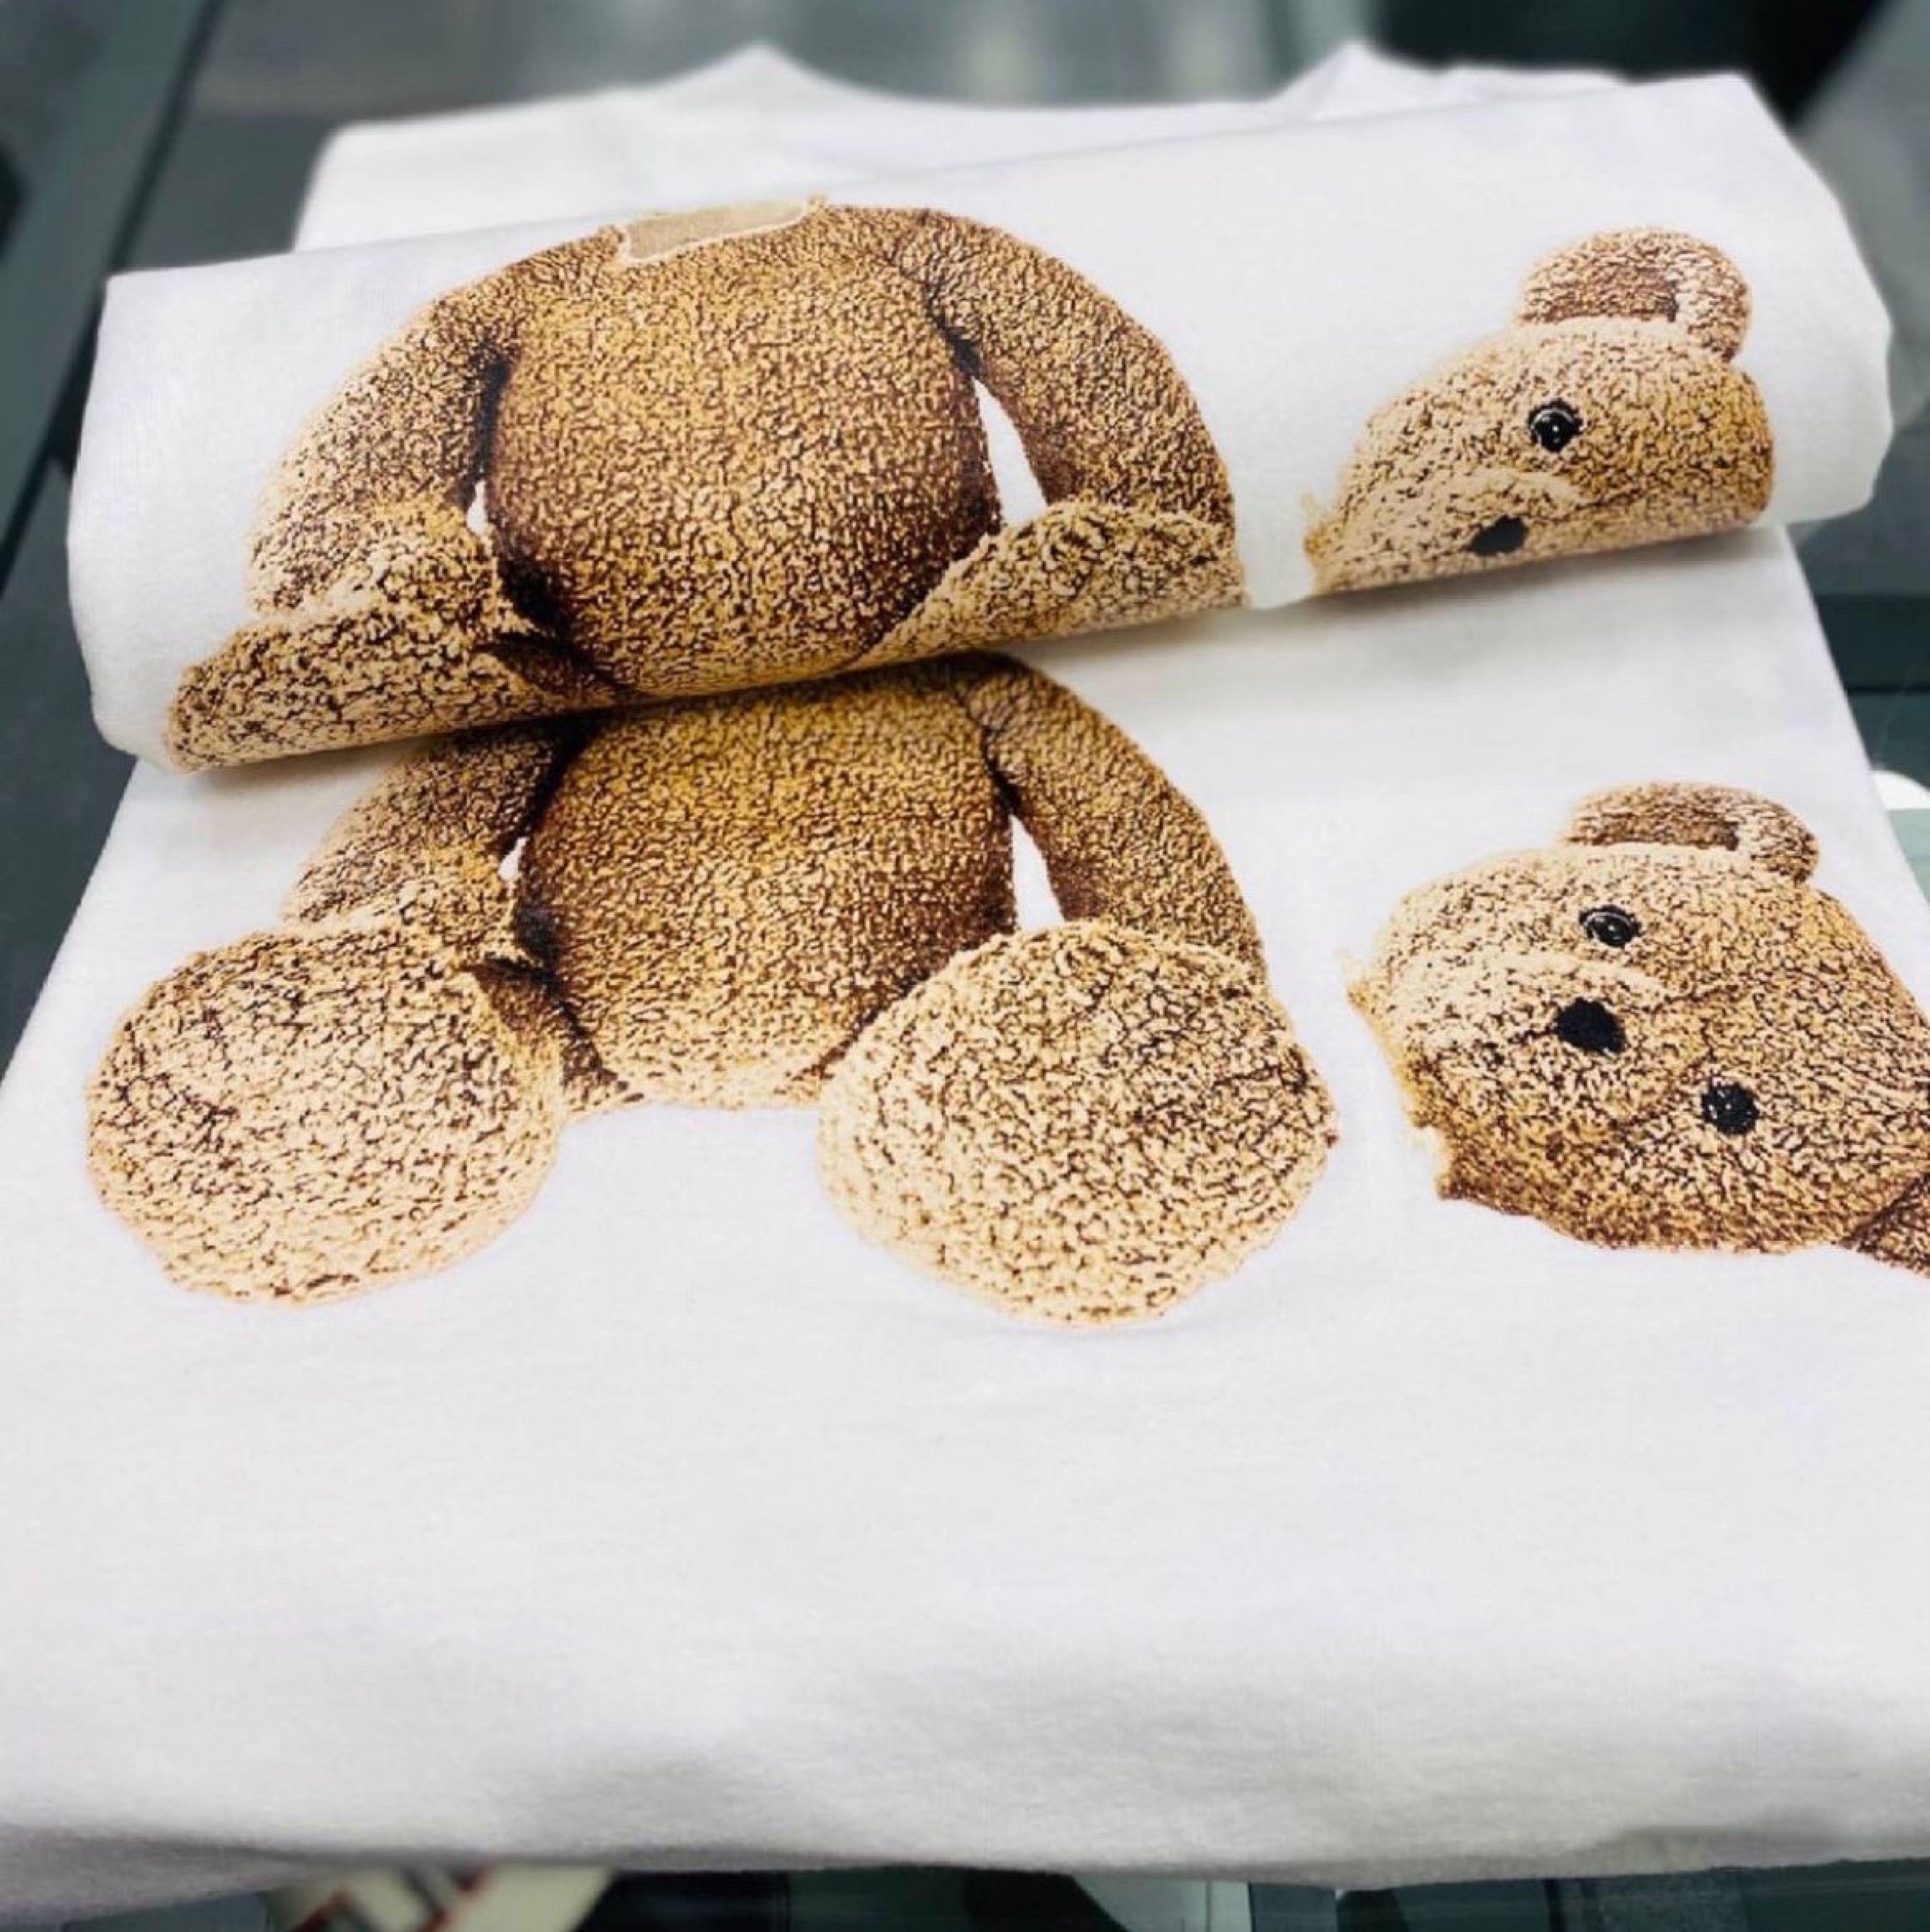 Mode Sommer Männer T-shirts Mans Frauen PA gedruckte Stylist Tee Palms Herren Drucken Kurzarm Kurzarm Kürzere Bären Angels Paare T-Shirts